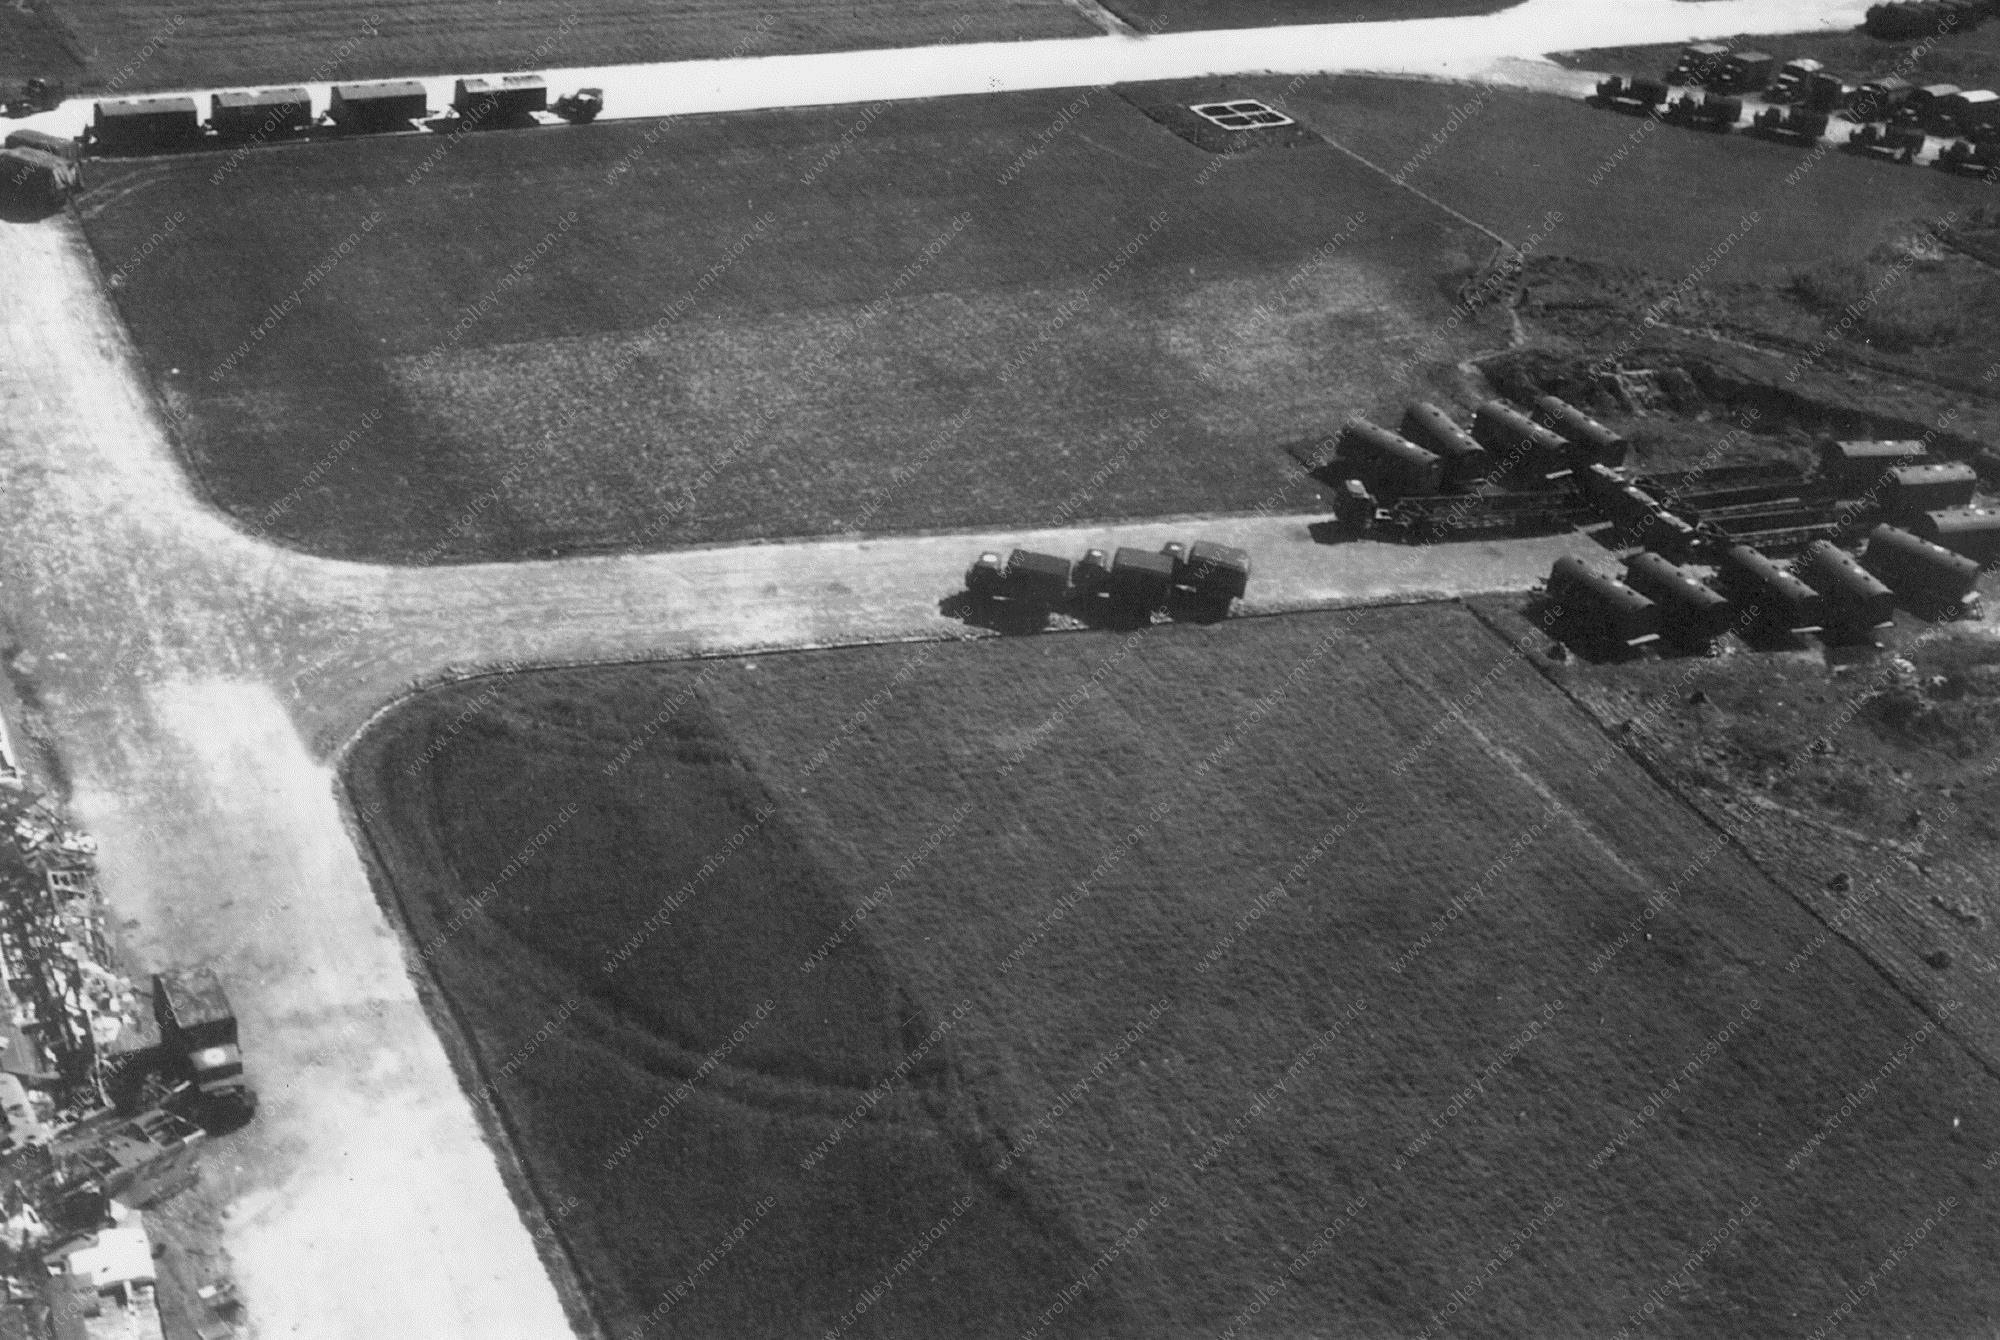 Unbekanntes Luftbild Flugplatz oder Kaserne mit US-Militärfahrzeugen